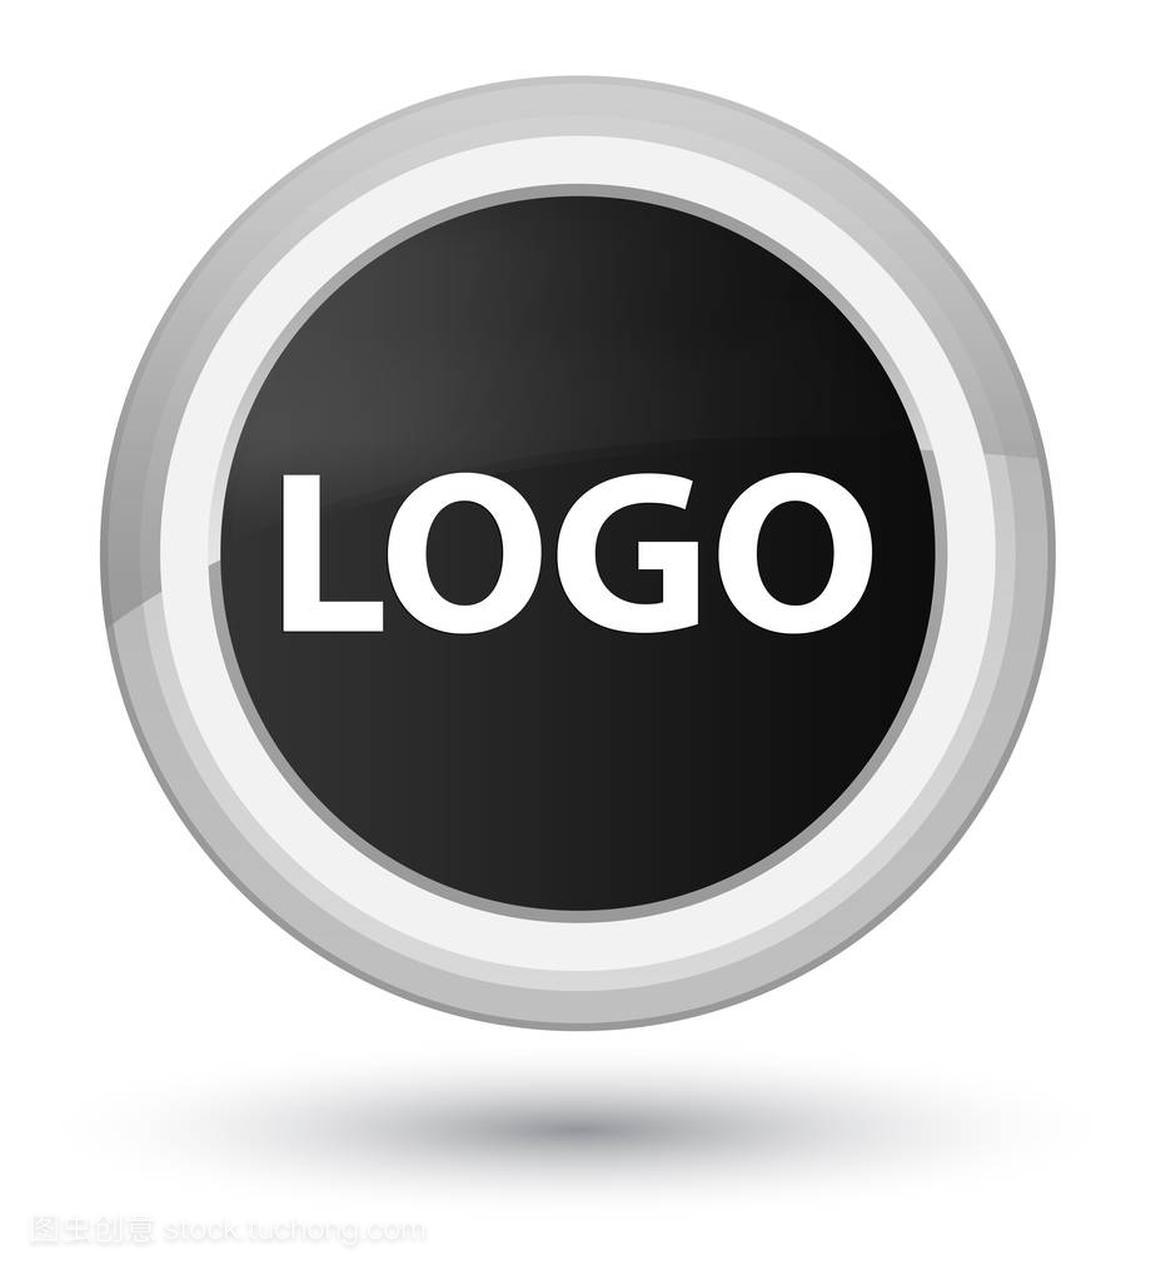 标志黄金黑色按钮项链flash圆形绘制图片